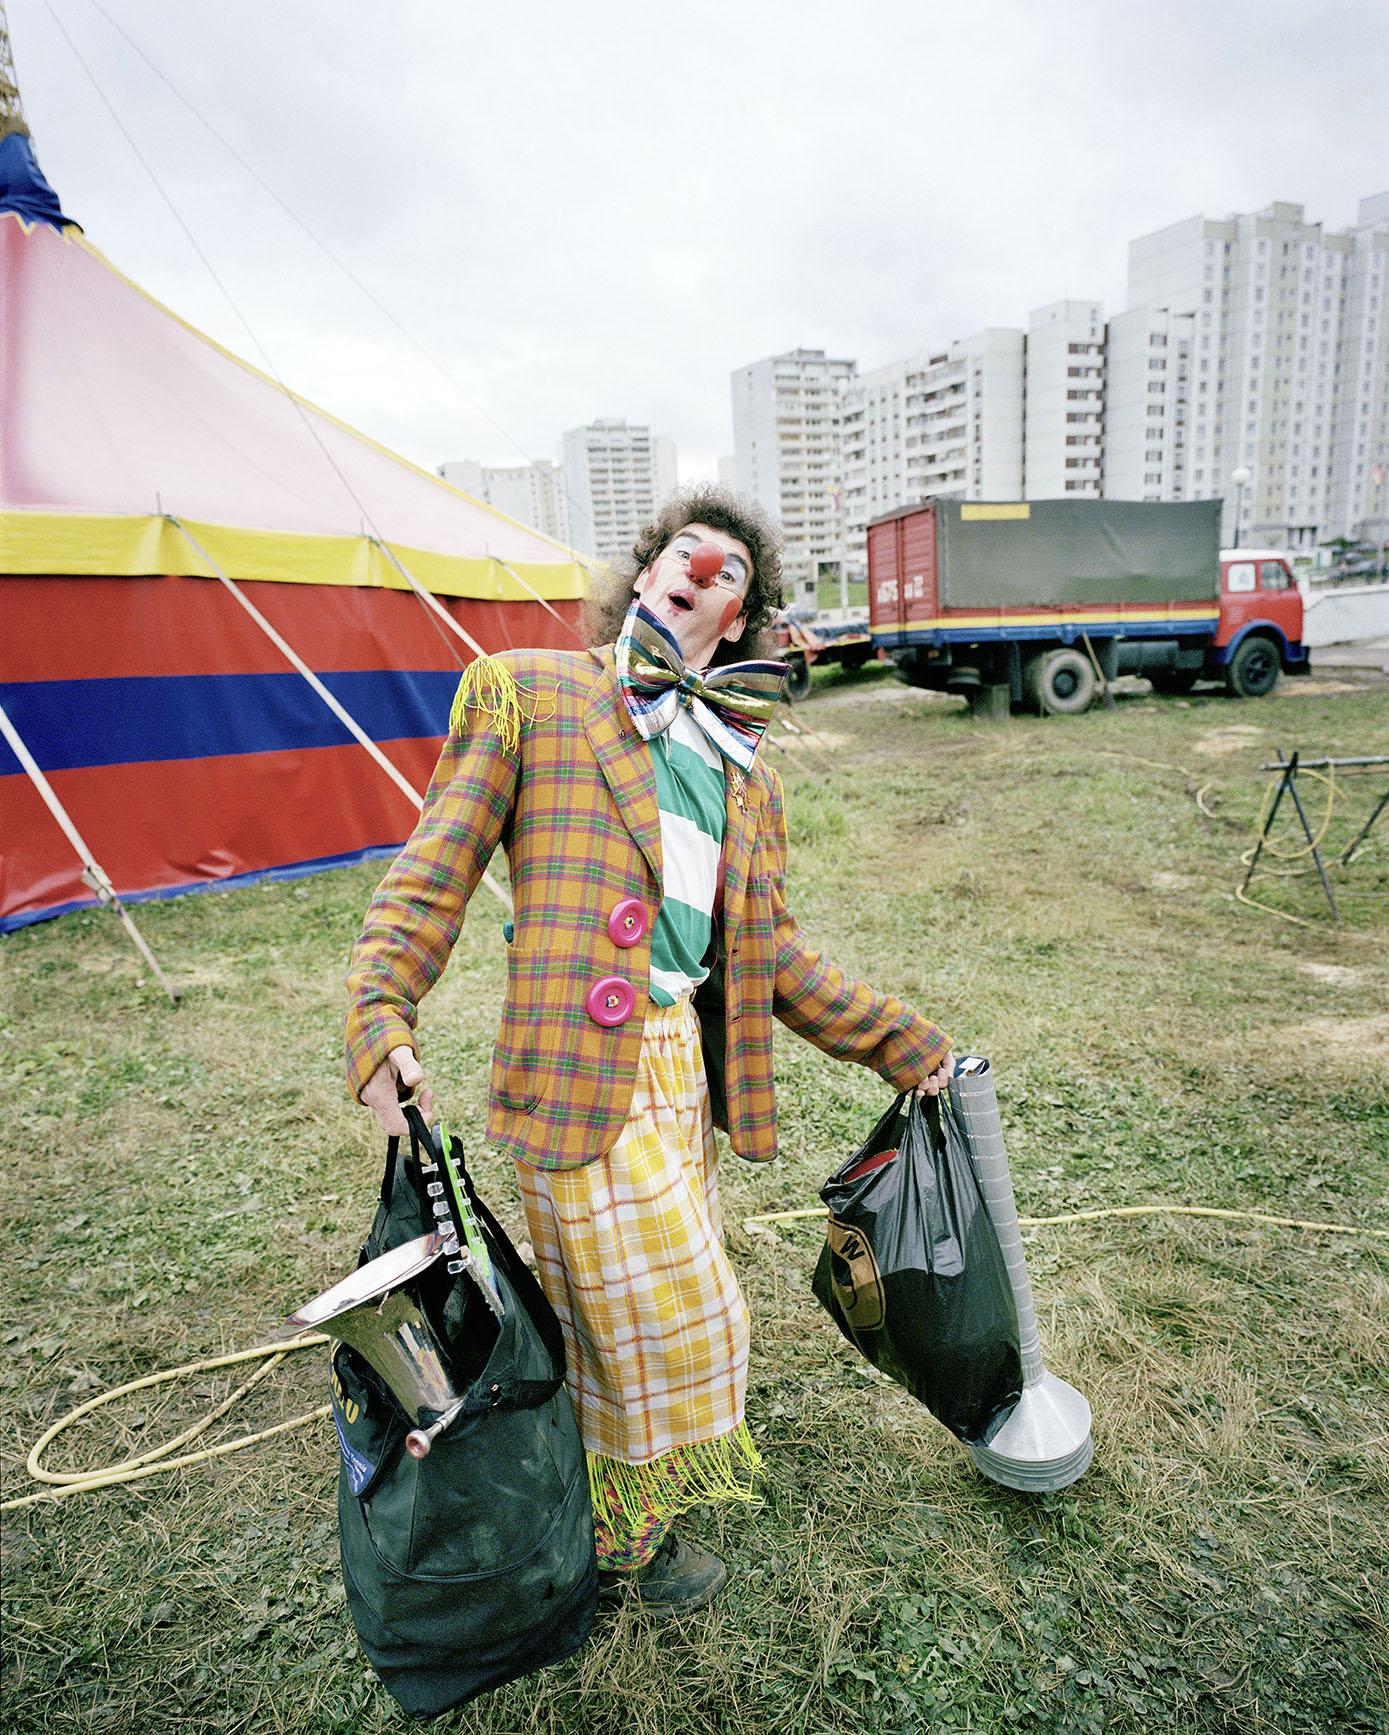 Russian Cirkus_Reiner Riedler_08